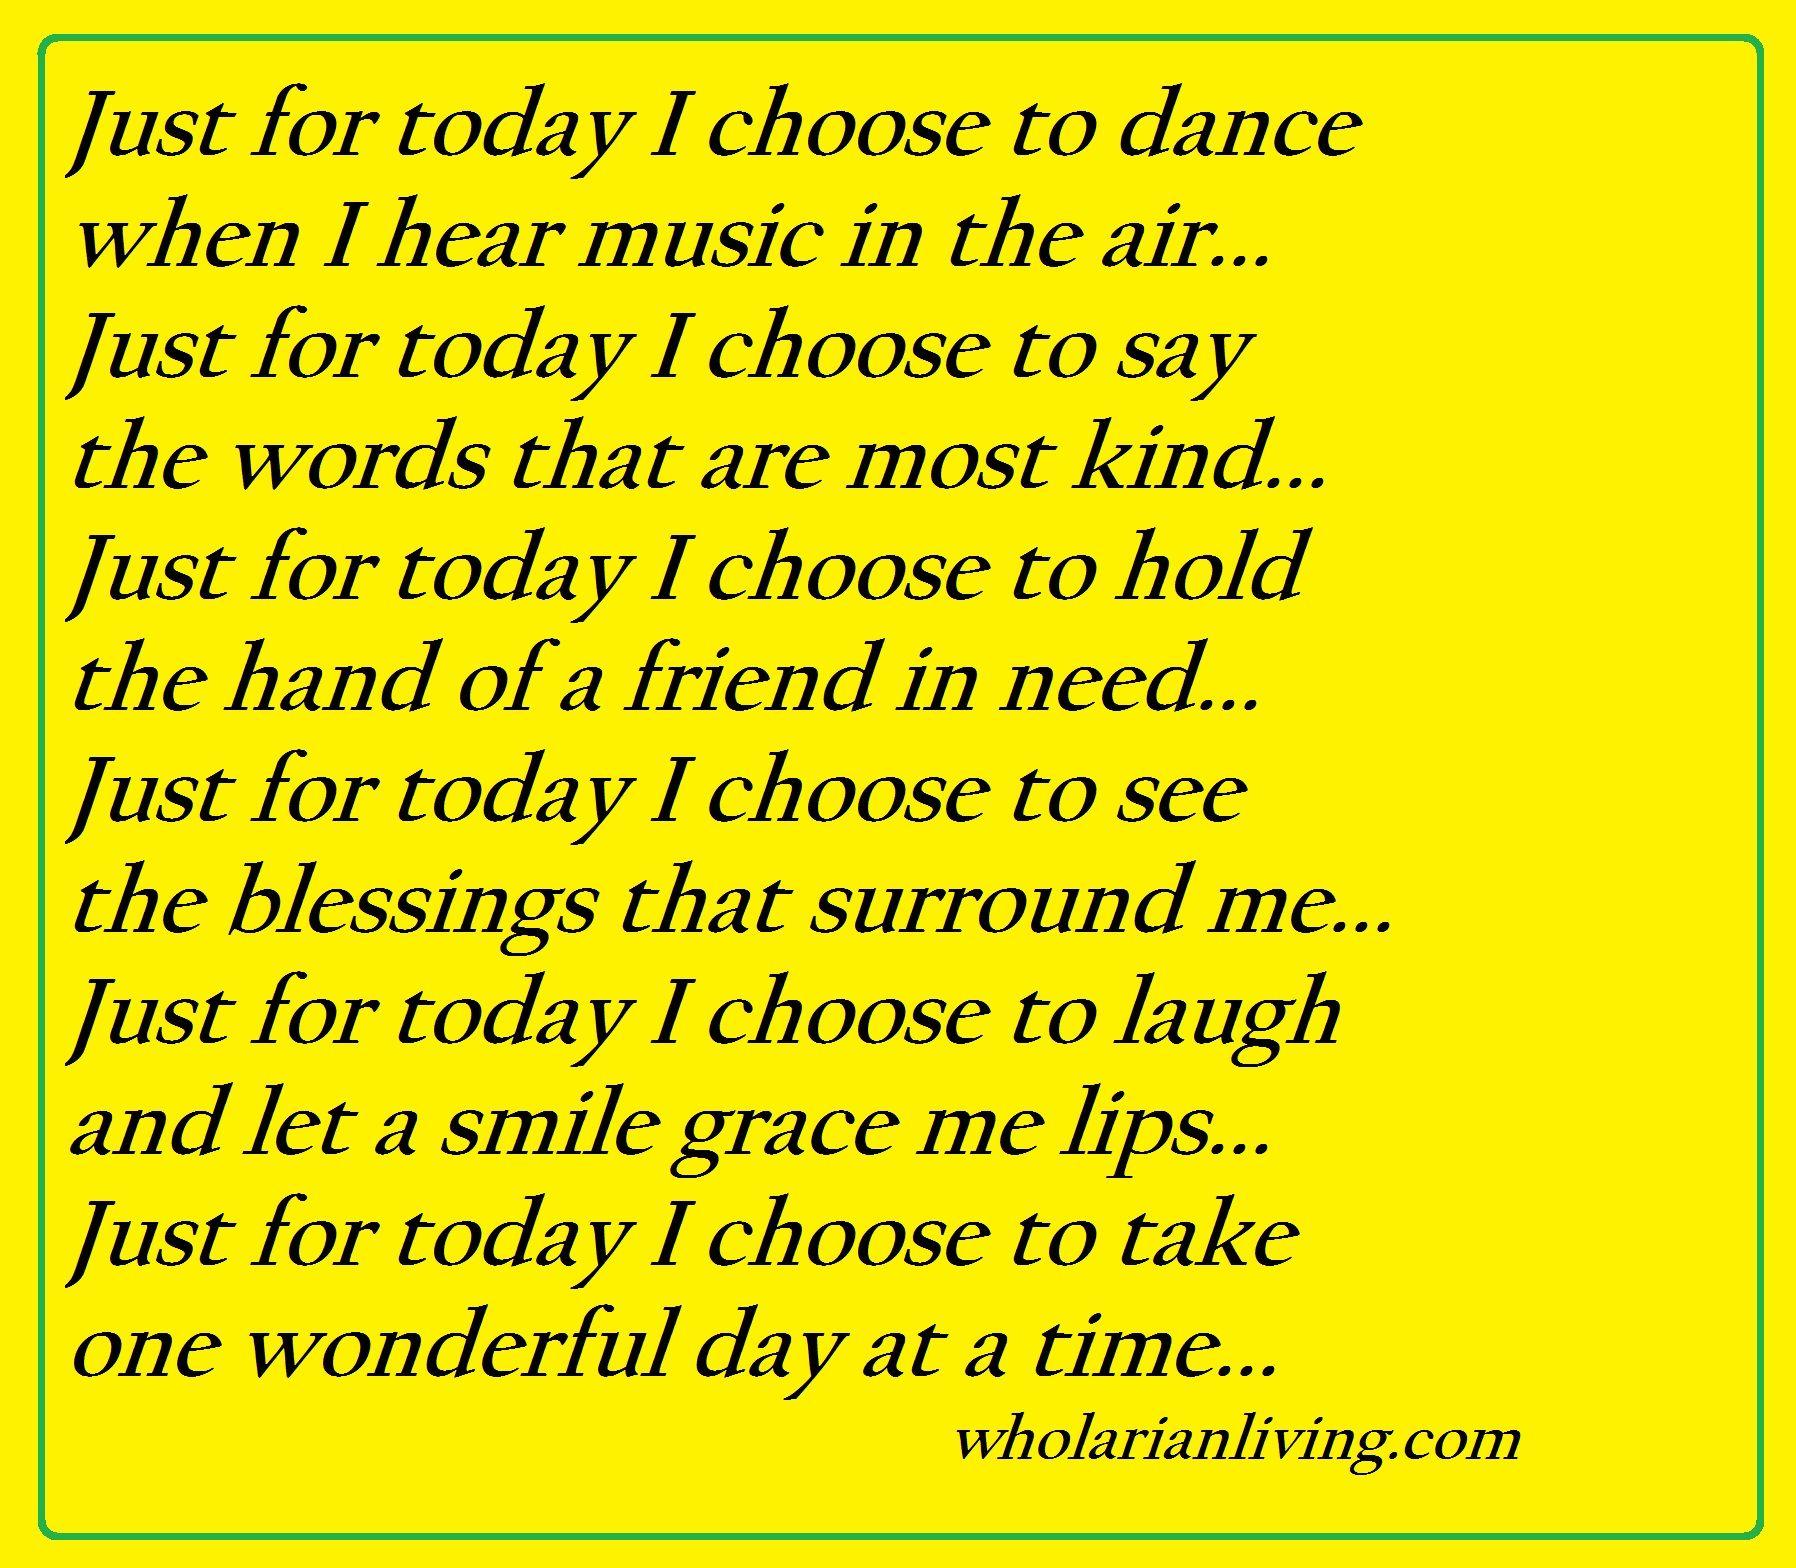 Just For Today Quotes Just For Today Quotes & Inspiration To Make You Feel Good